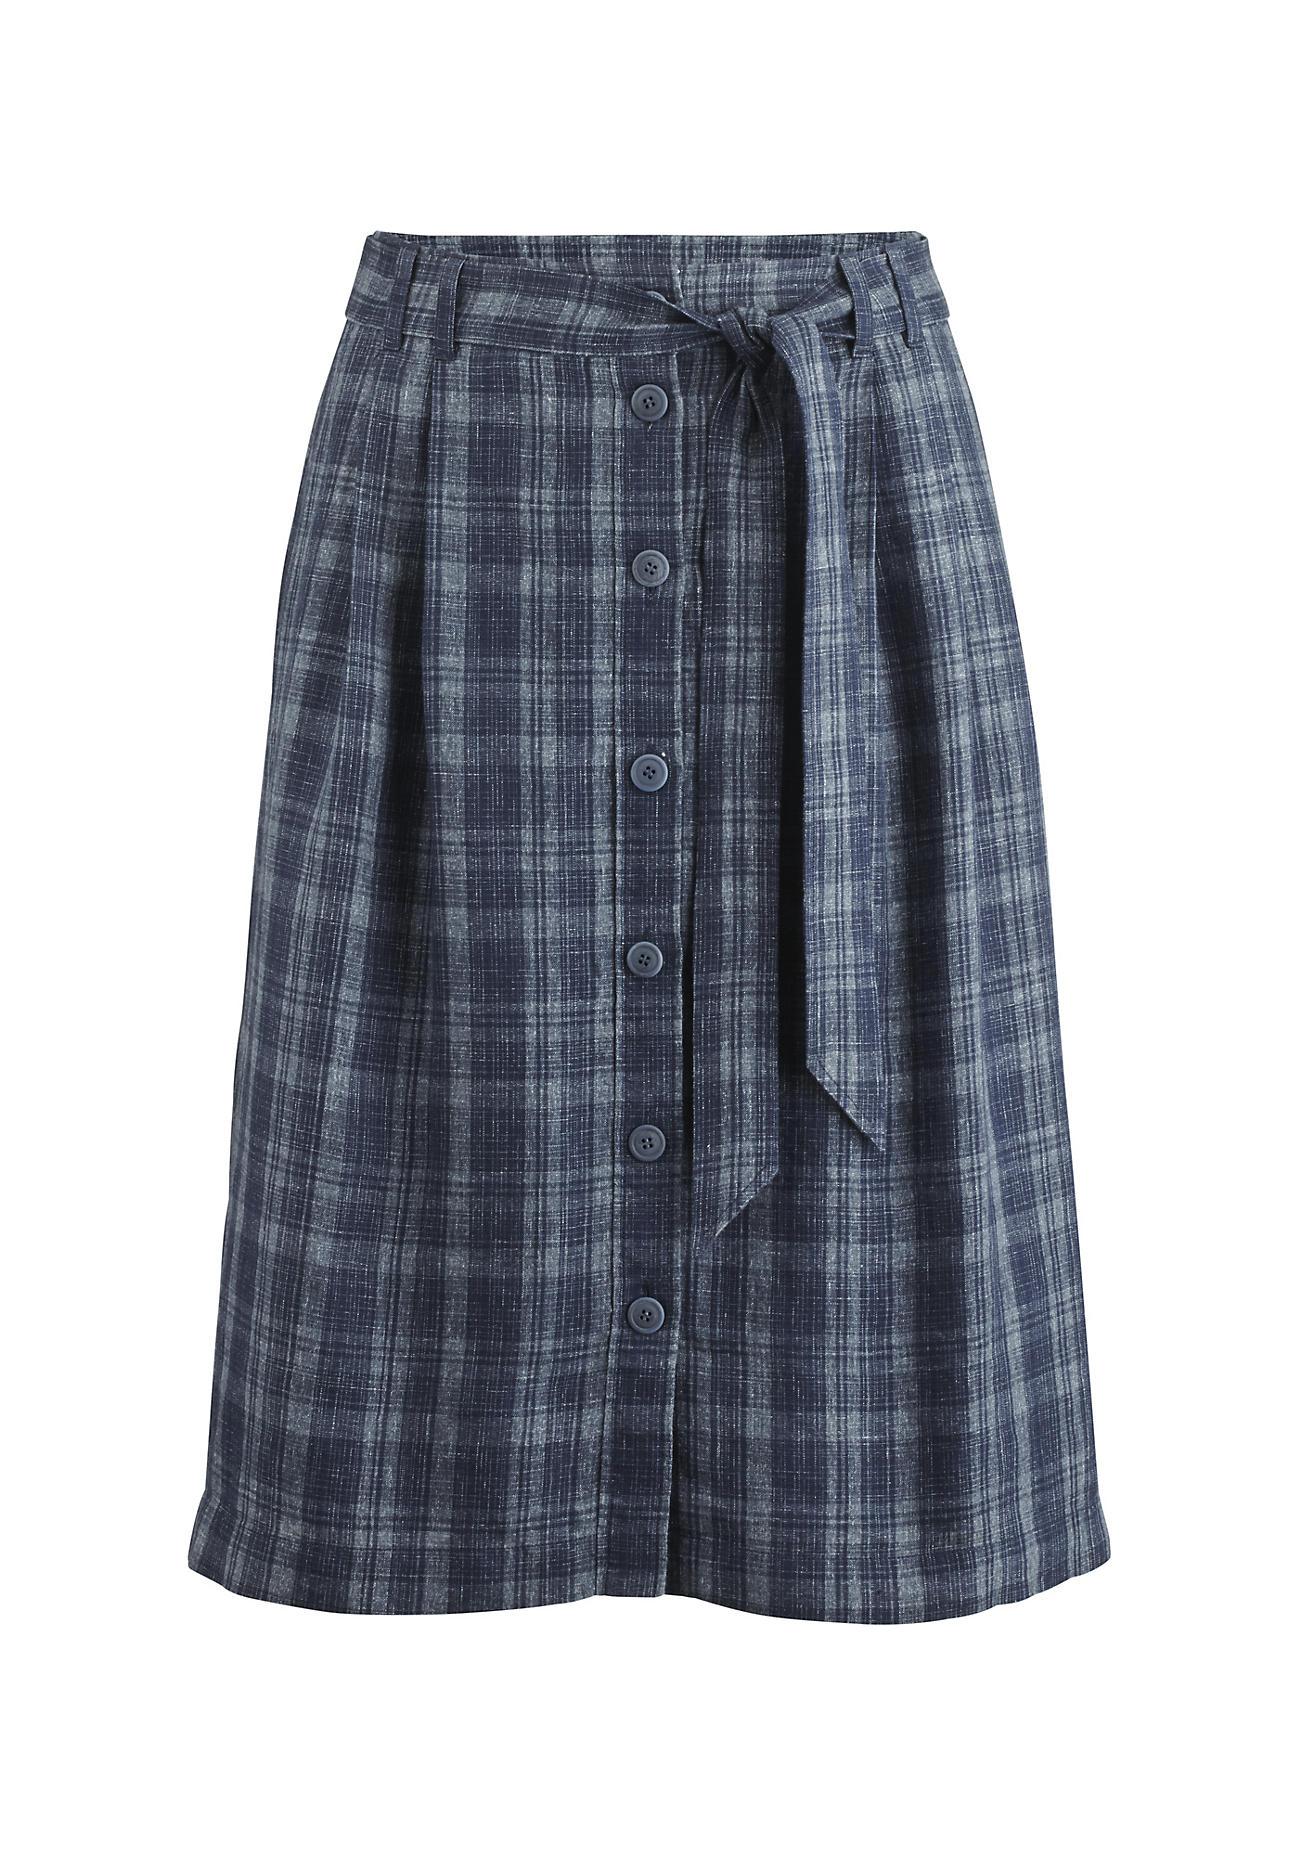 hessnatur Damen Karo-Rock aus Leinen mit Bio-Baumwolle – blau – Größe 40 | Bekleidung > Röcke > Karoröcke | hessnatur